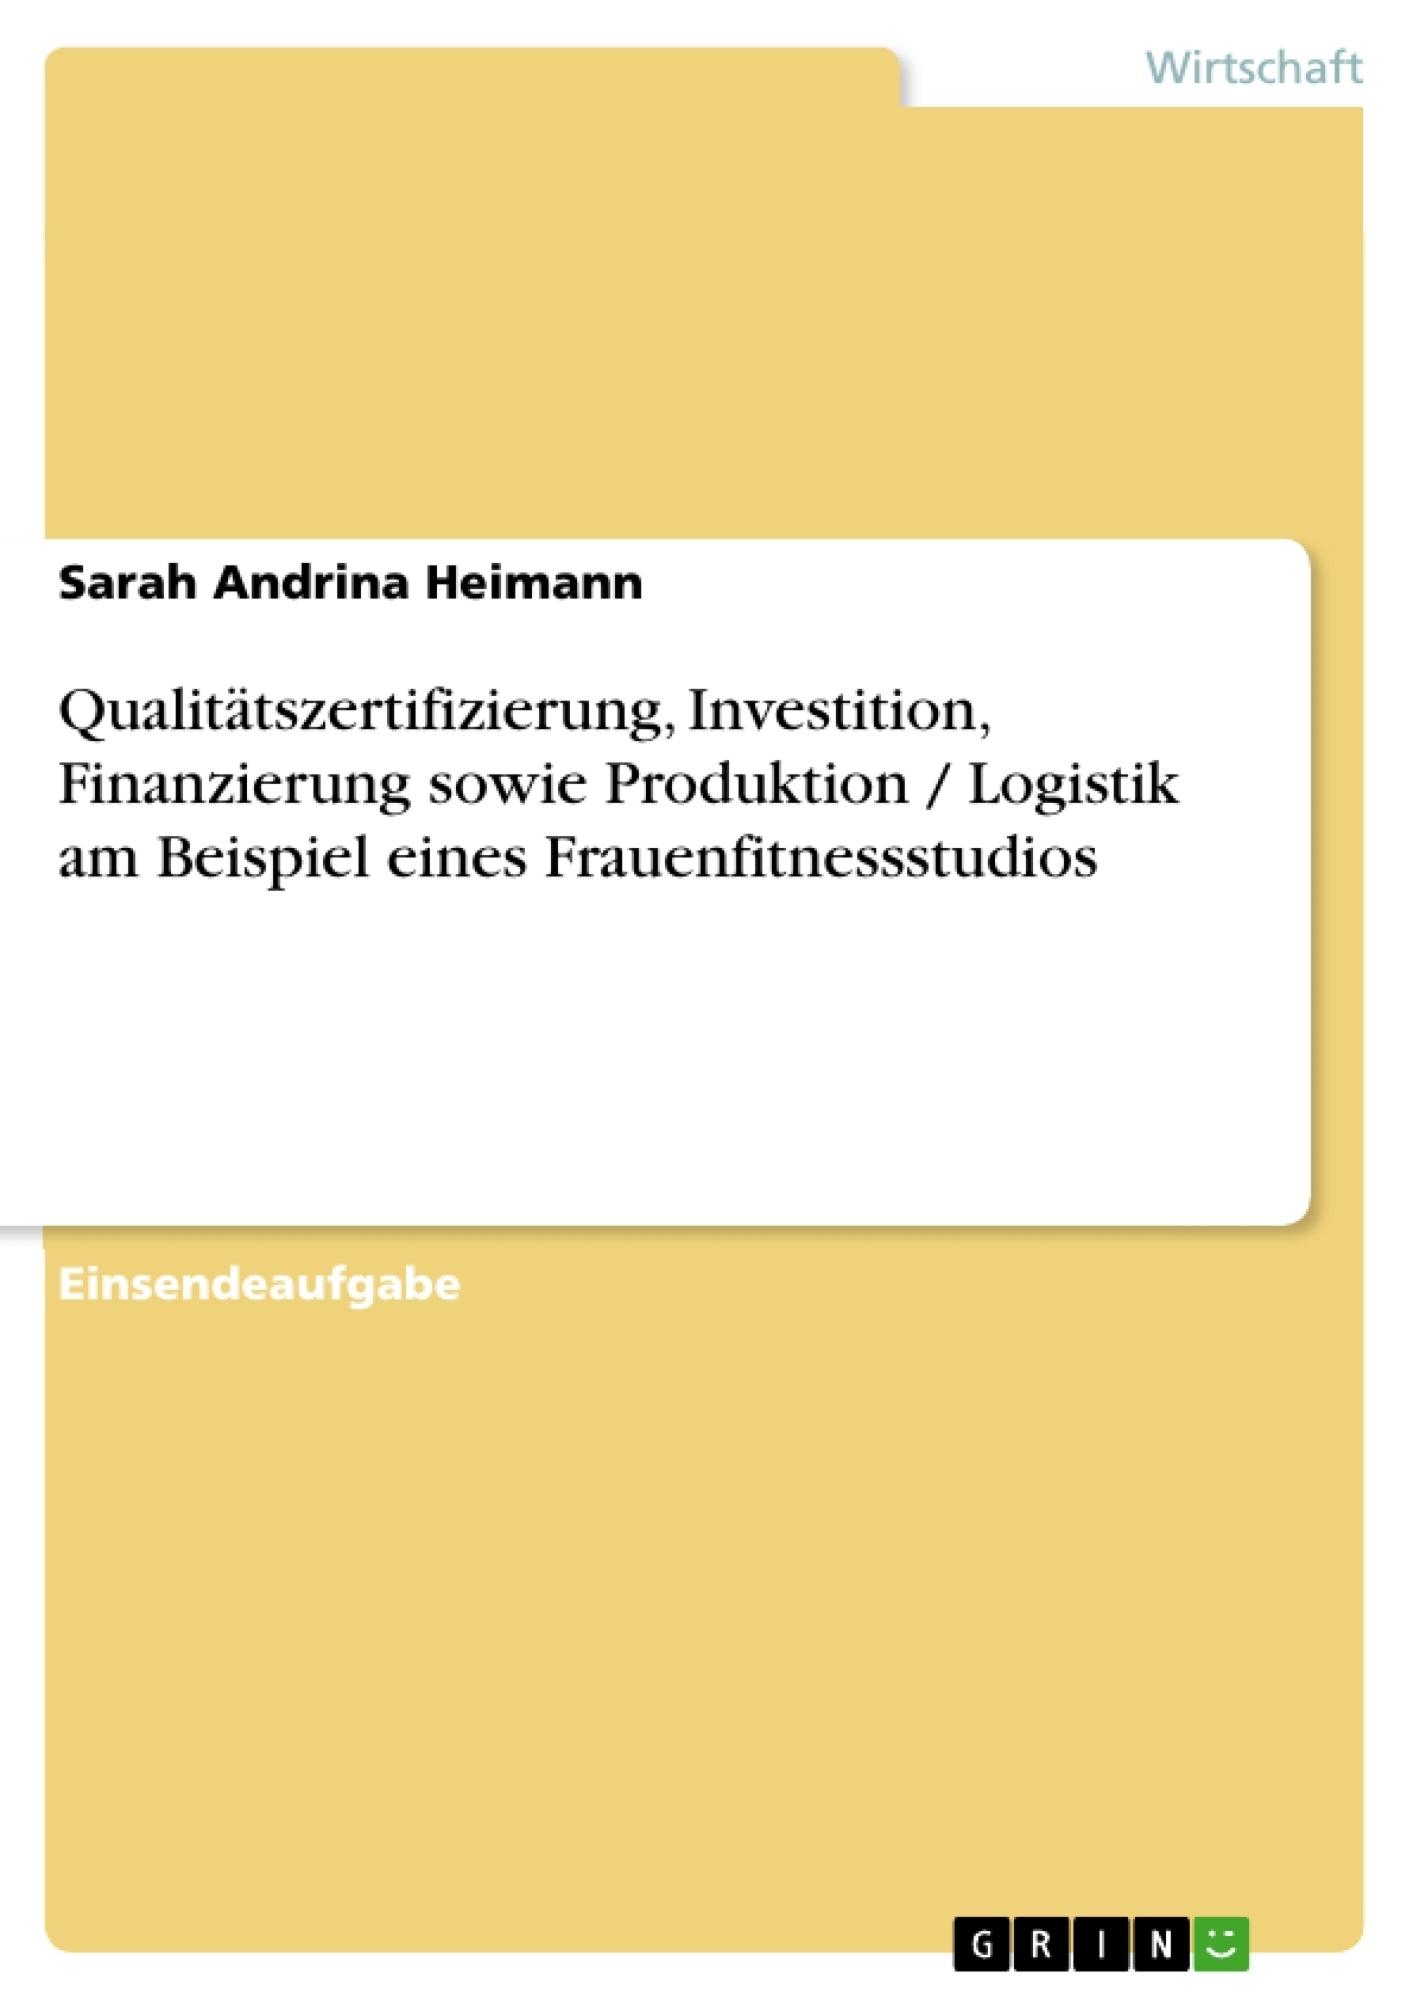 Titel: Qualitätszertifizierung, Investition, Finanzierung sowie Produktion / Logistik am Beispiel eines Frauenfitnessstudios